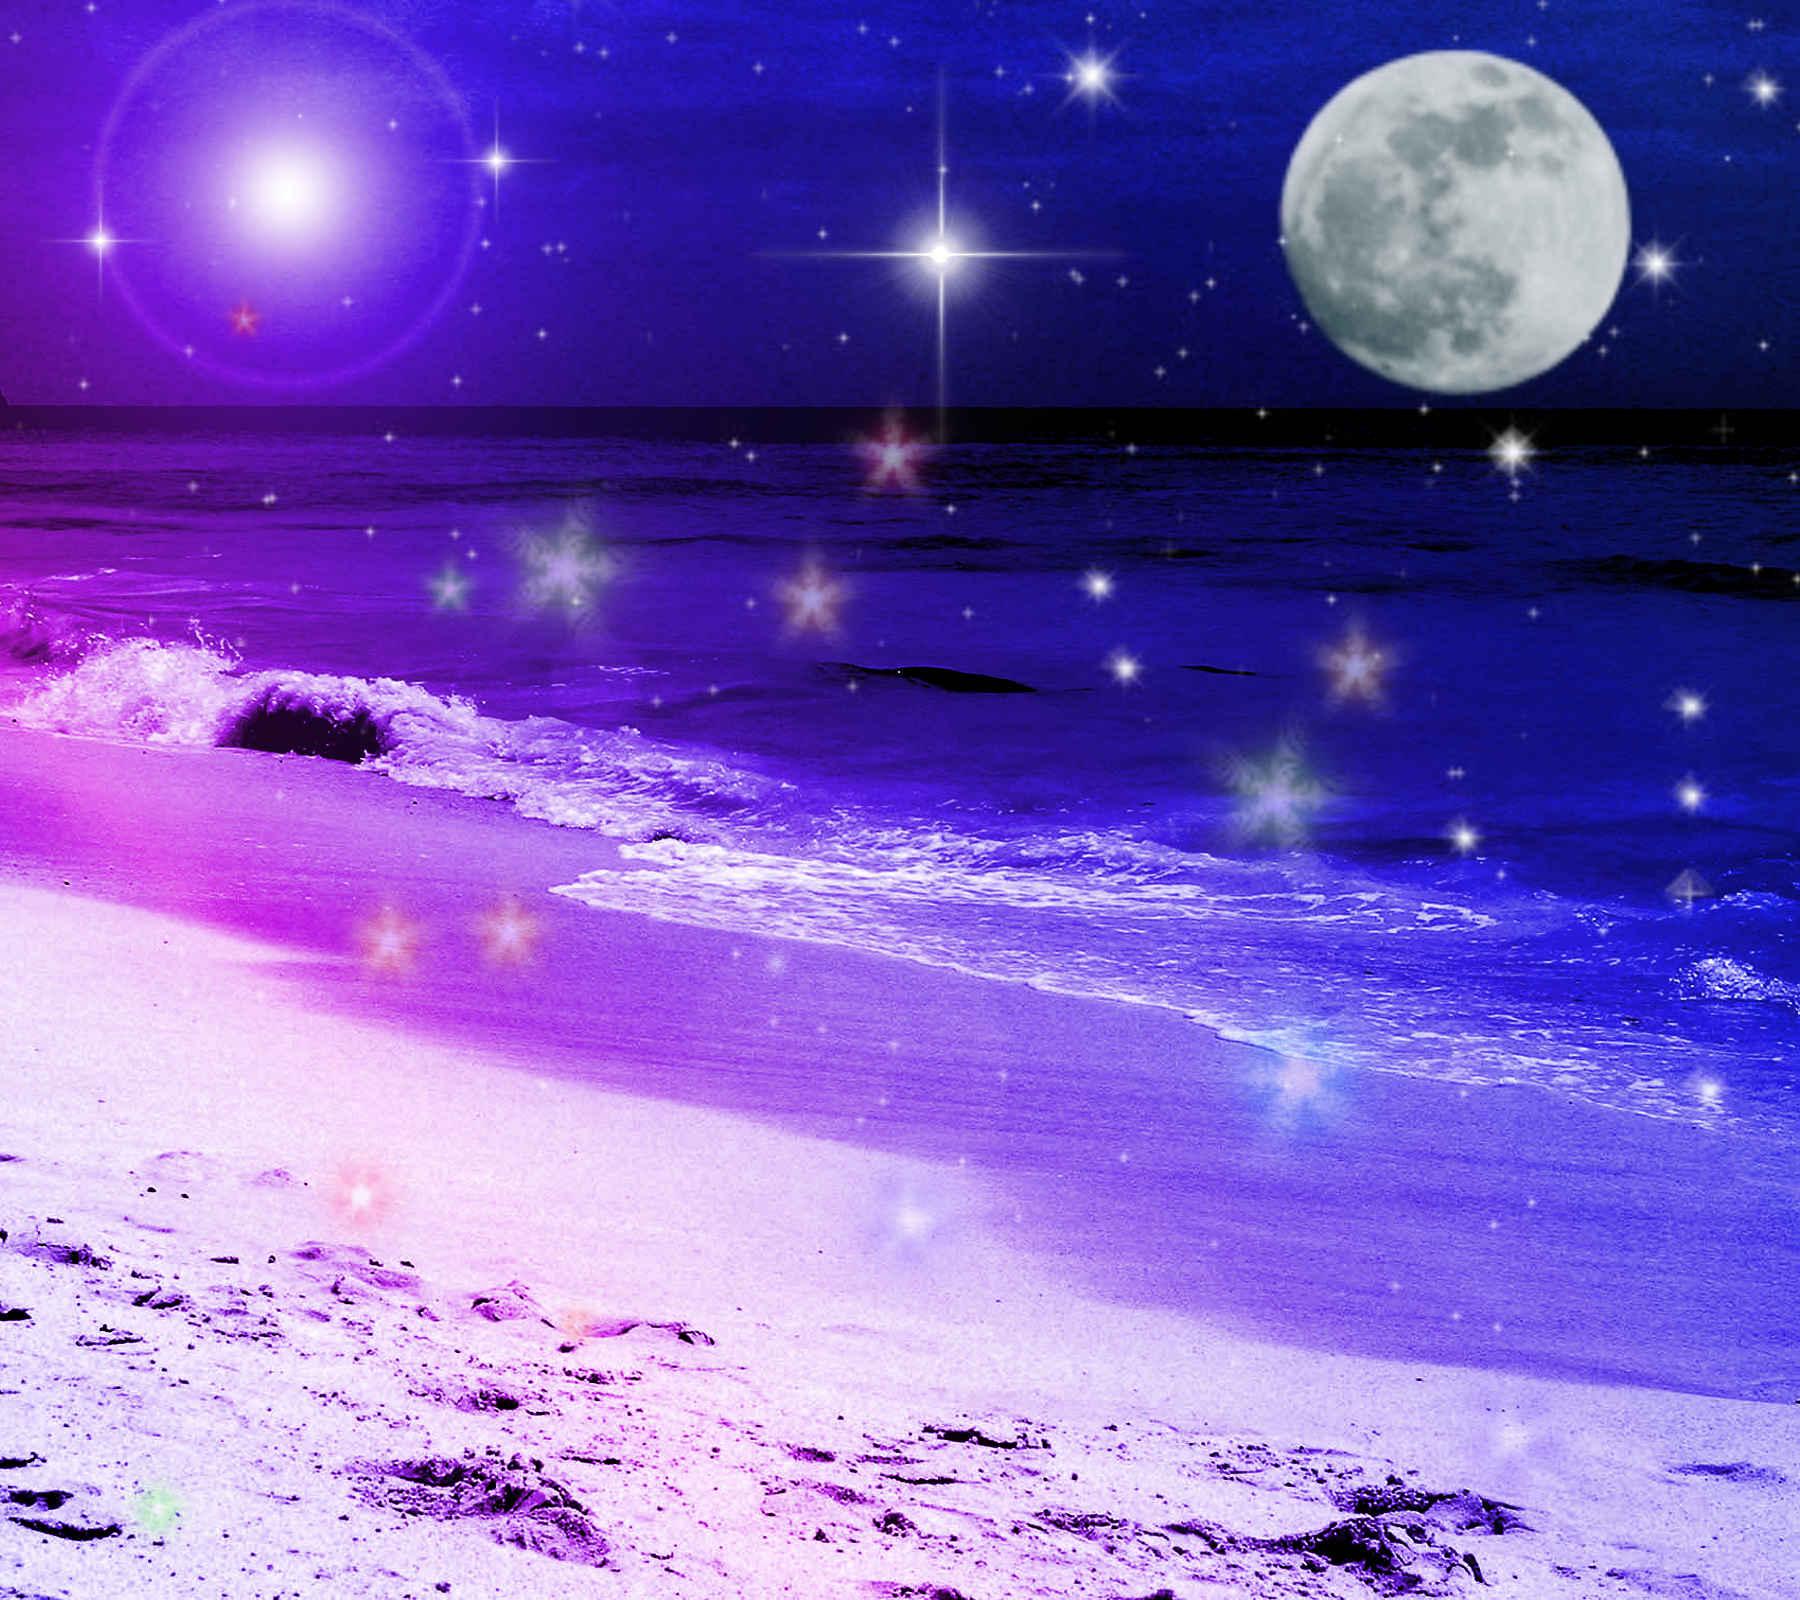 blue purple sky desktop wallpaper - photo #30